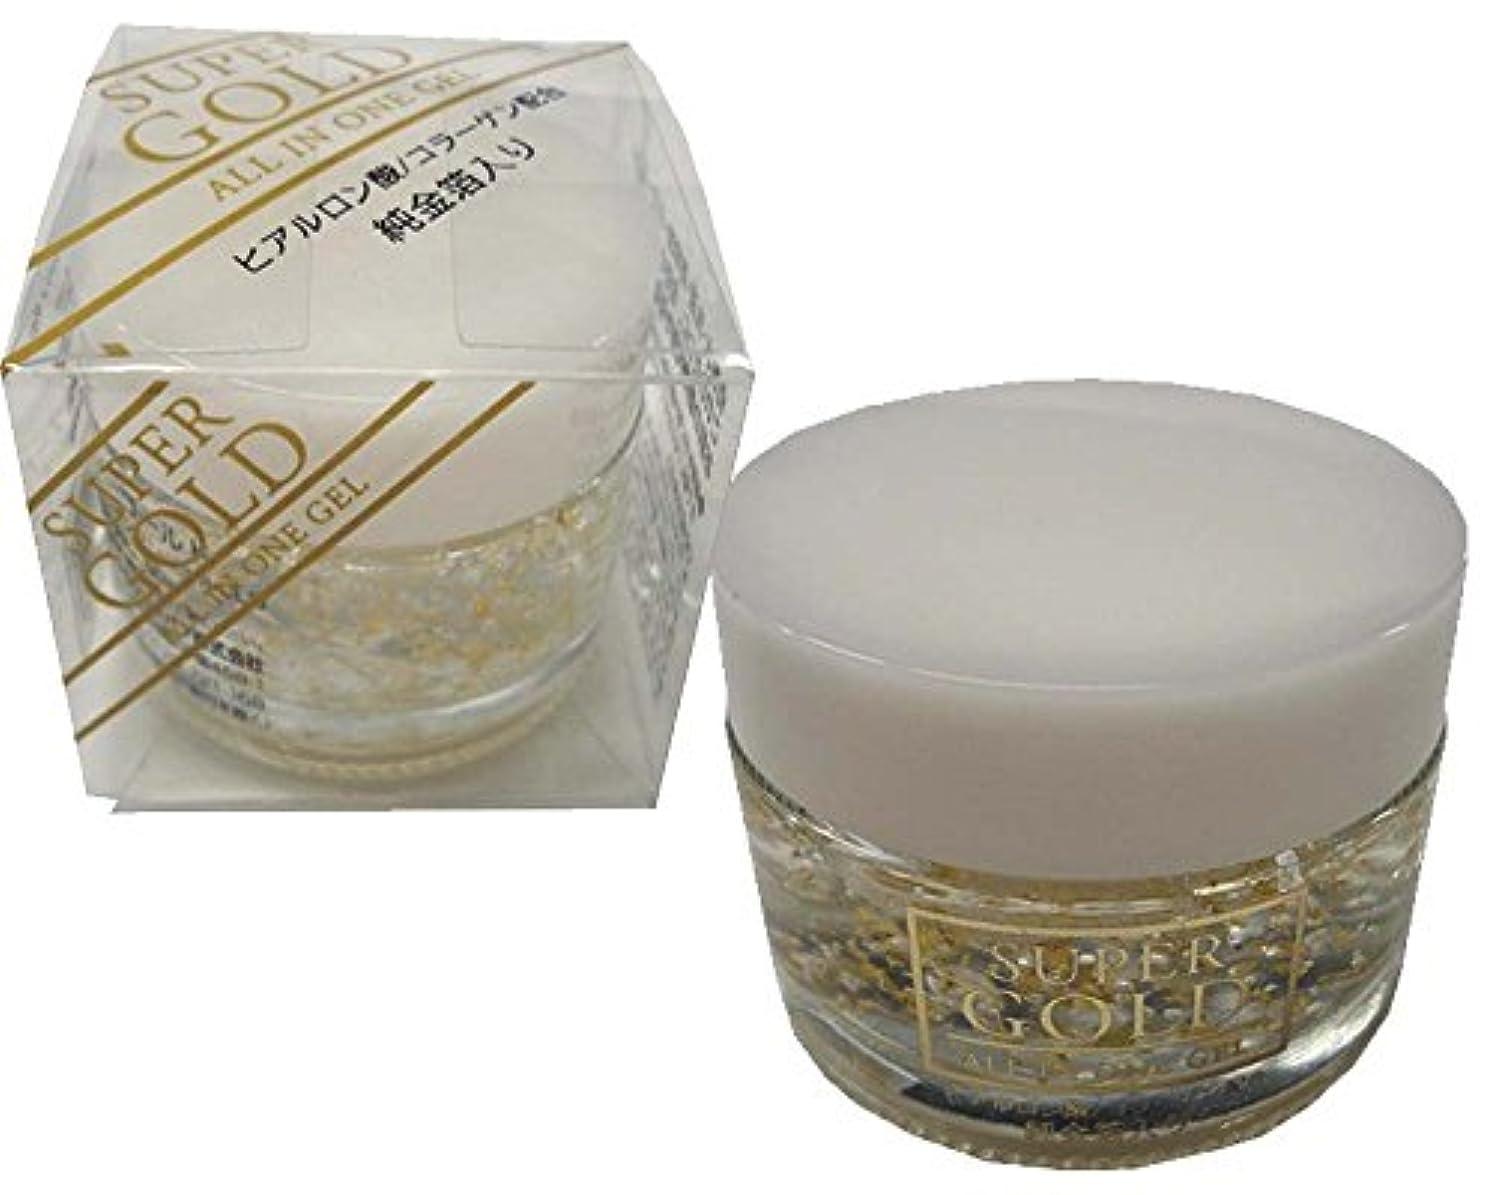 受益者下に向けますヒューム日本製 スーパーゴールド 純金箔入 オールインワンジェル GLD 50g スキンケア 化粧水?乳液?クリーム?美容液がこれ1本でOK!